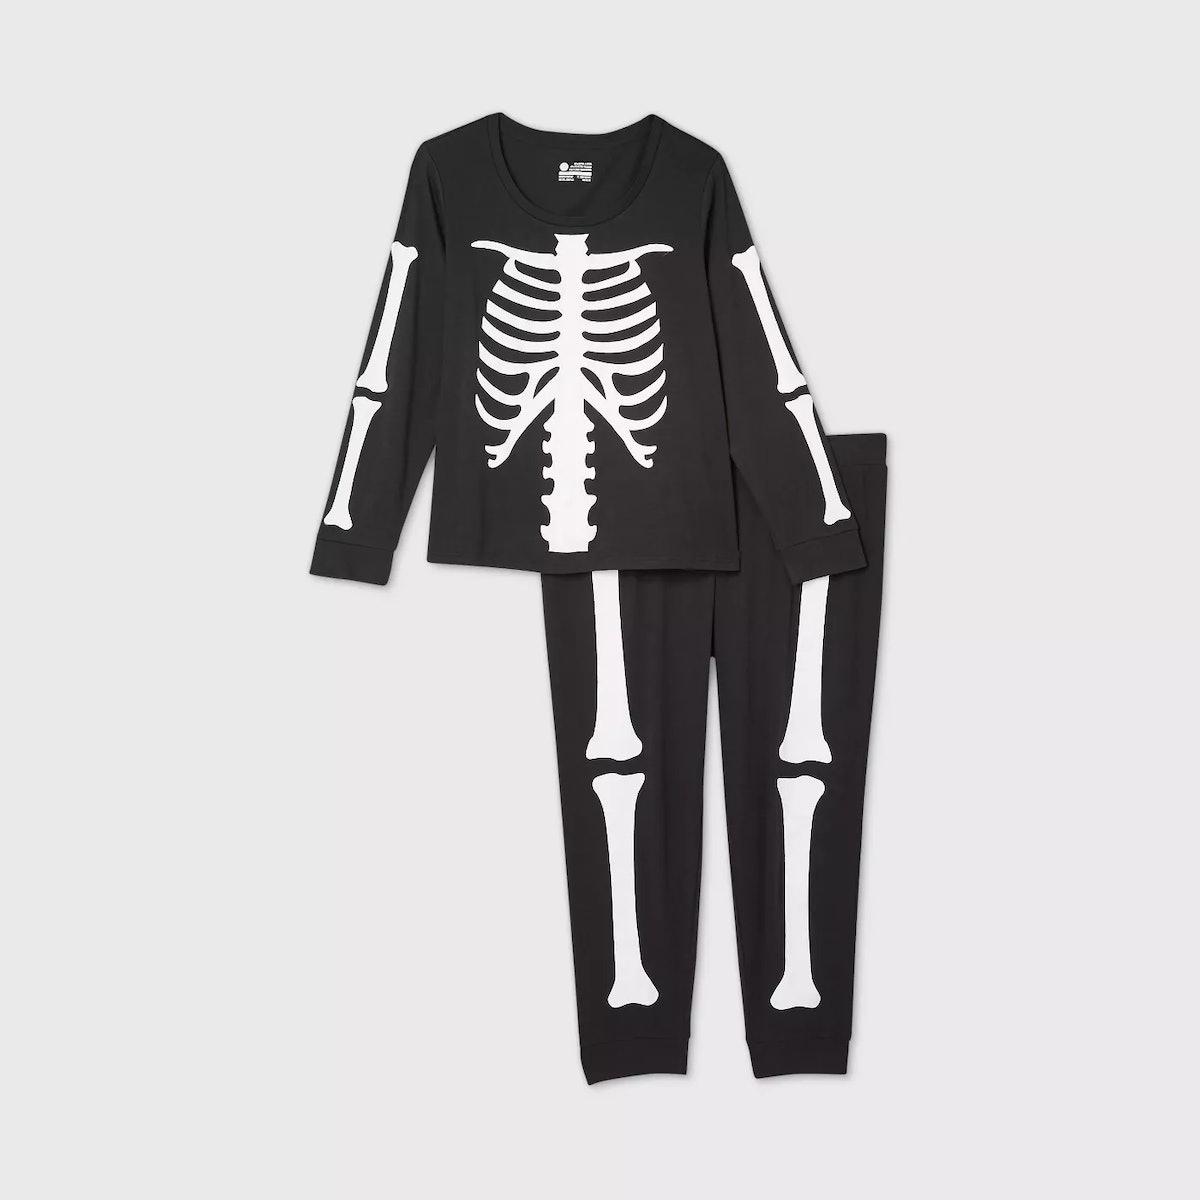 Target Women's Plus Size Halloween Skeleton Matching Family Pajama Set